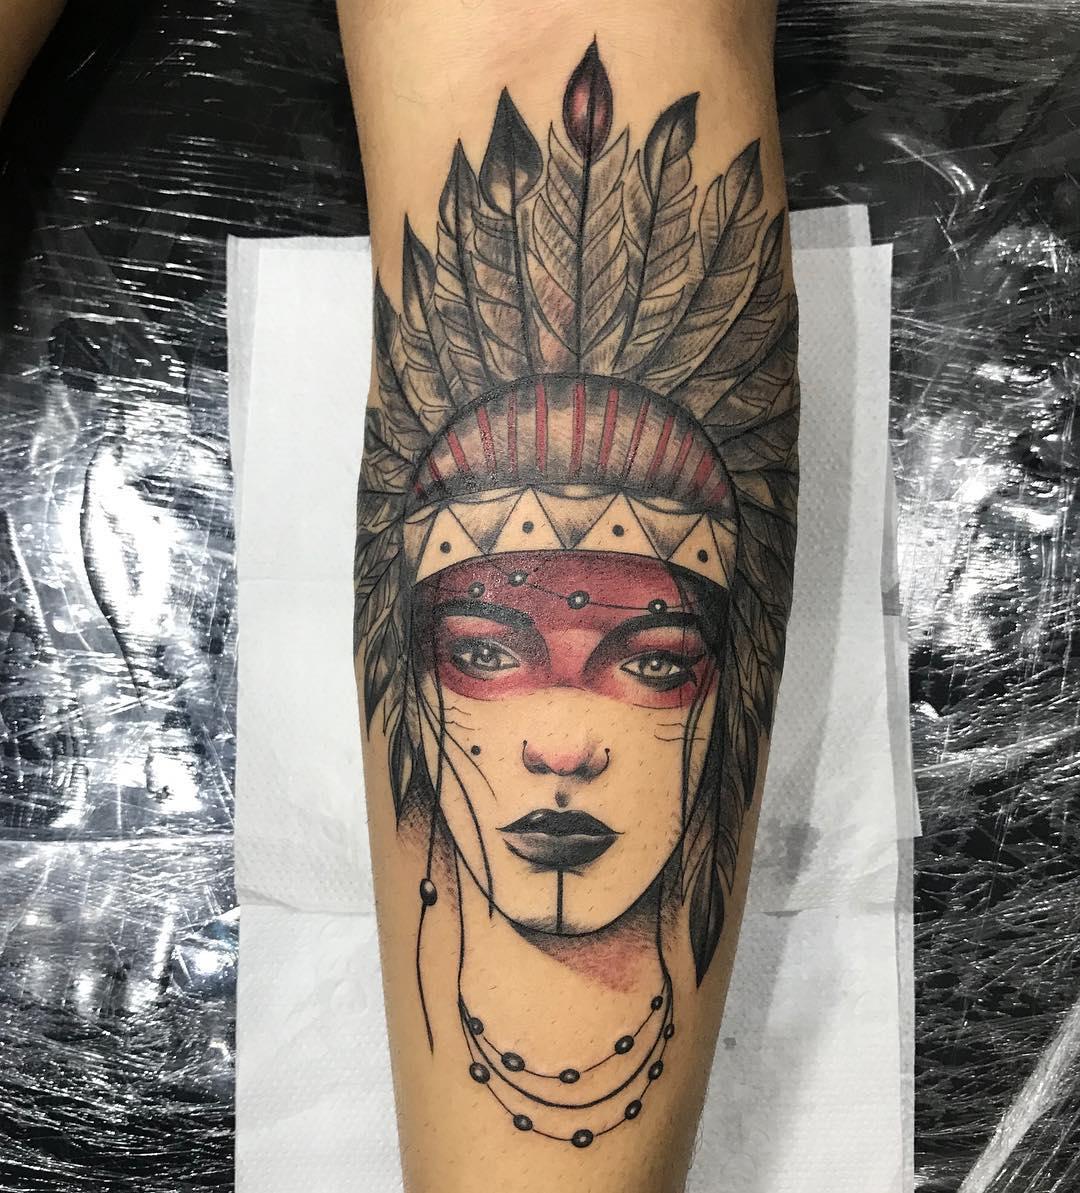 莫先生小臂印第安美女纹身图案图片